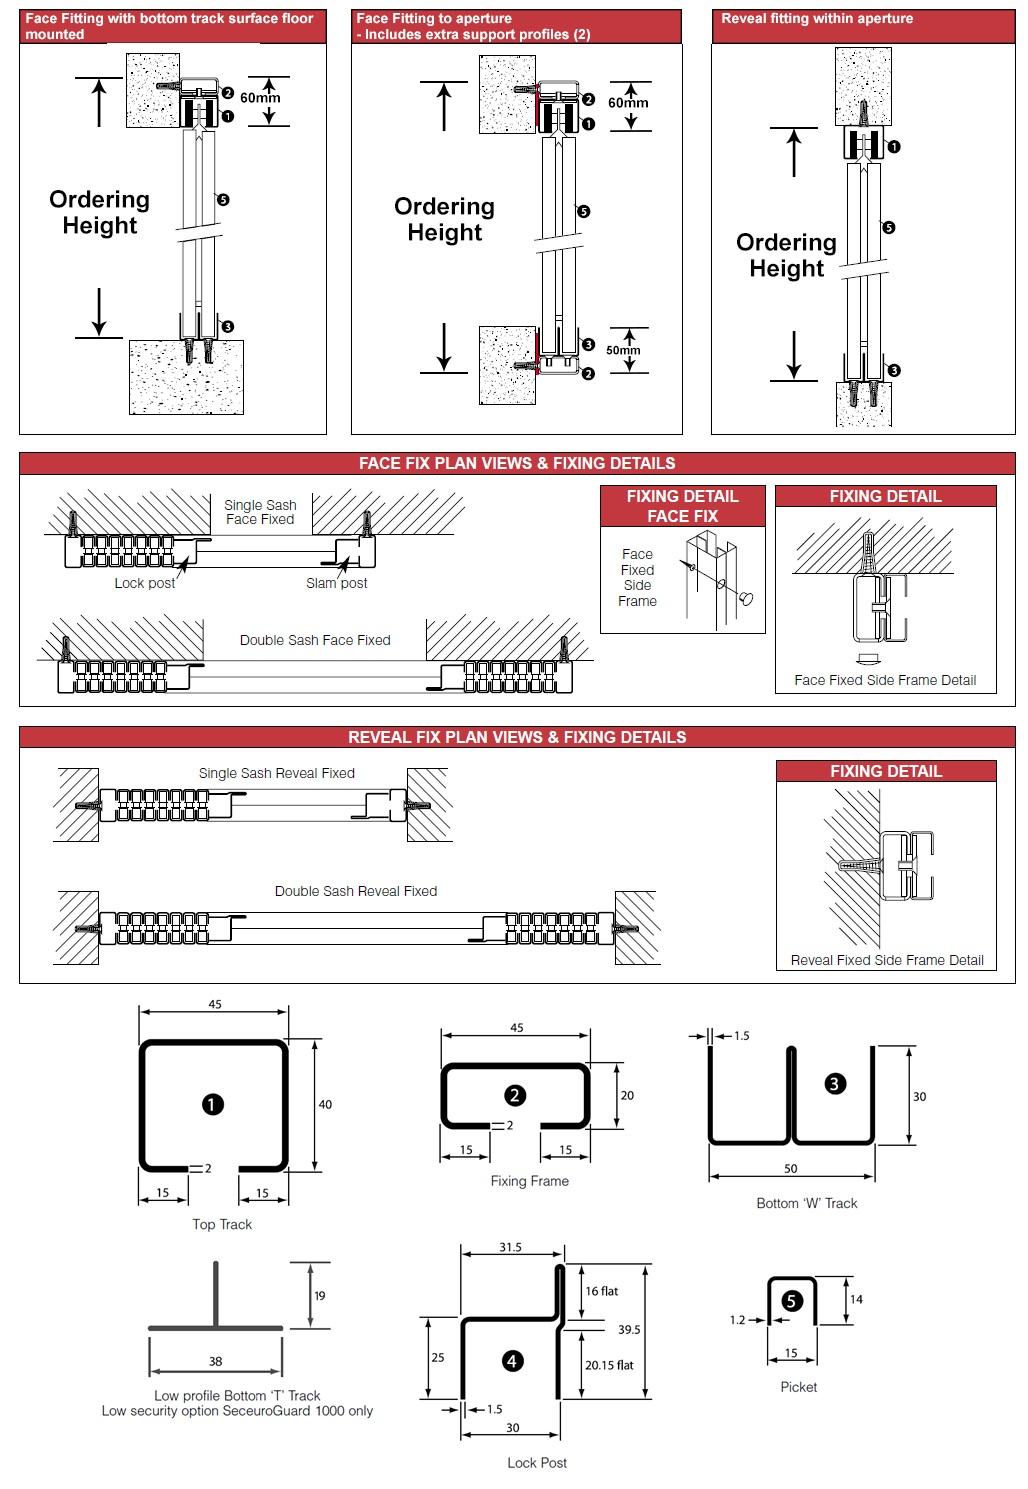 seceuroguard retractable gate installation guide